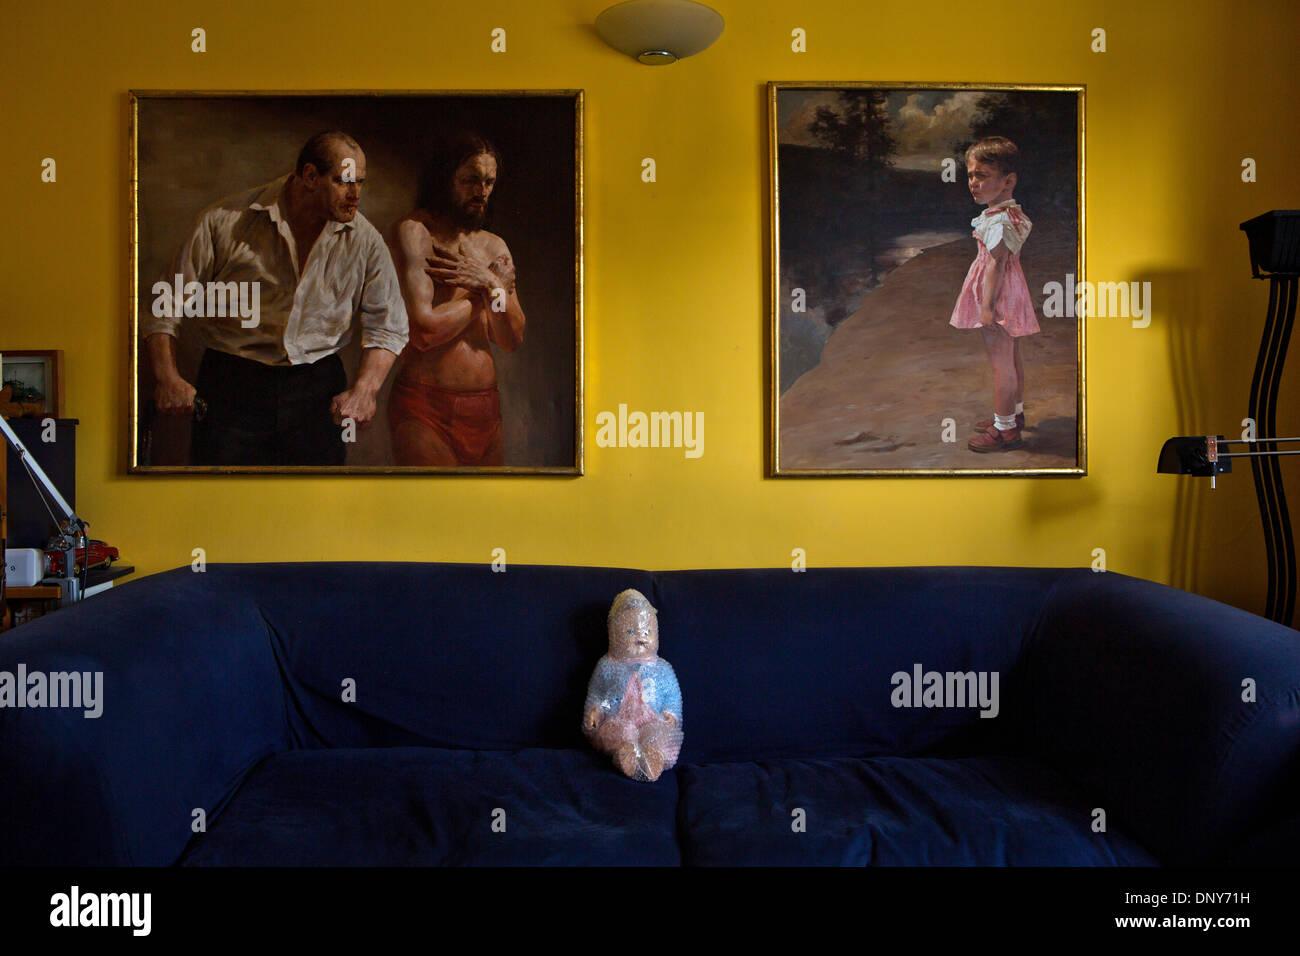 Dipinti dall artista Janusz Szpyt sulla parete di un vivere a Londra camera. Una bambola avvolto è seduto sul divano. Immagini Stock